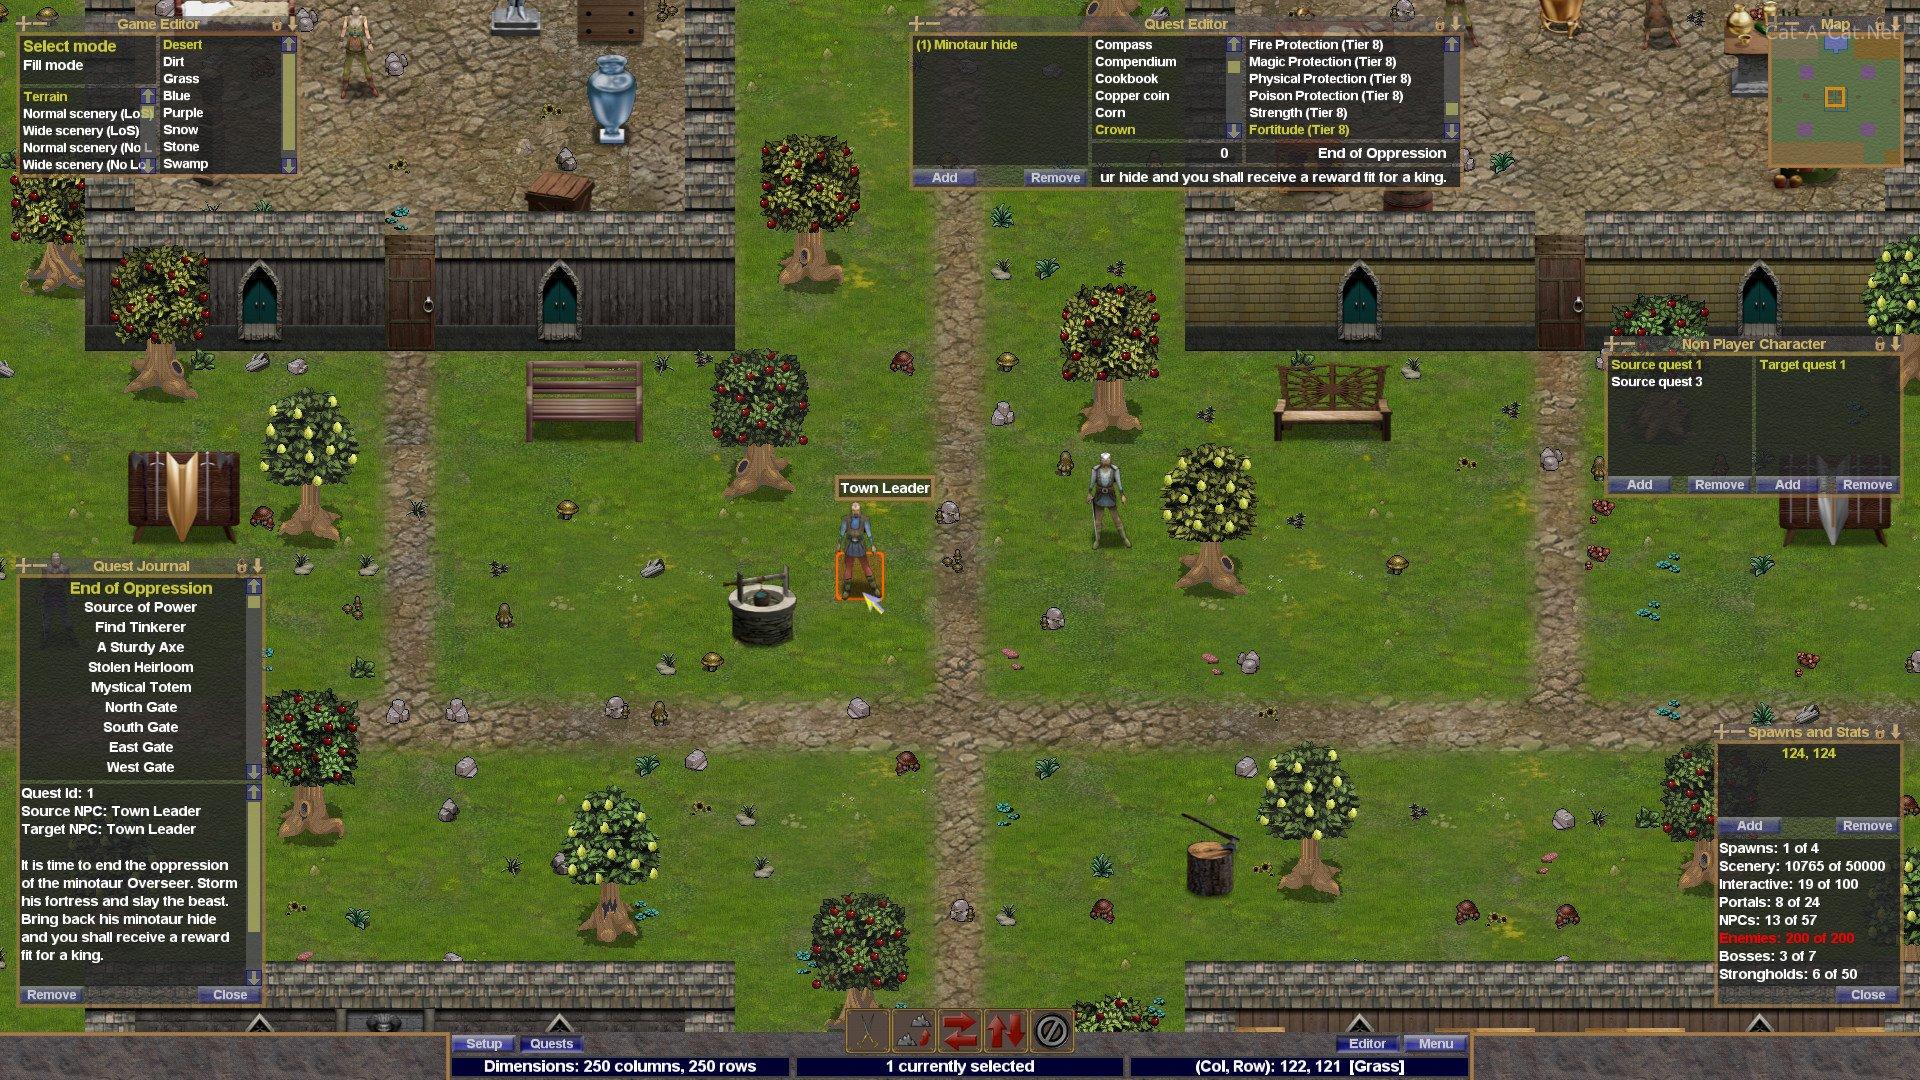 лучшие игры с системой прокачки персонажа